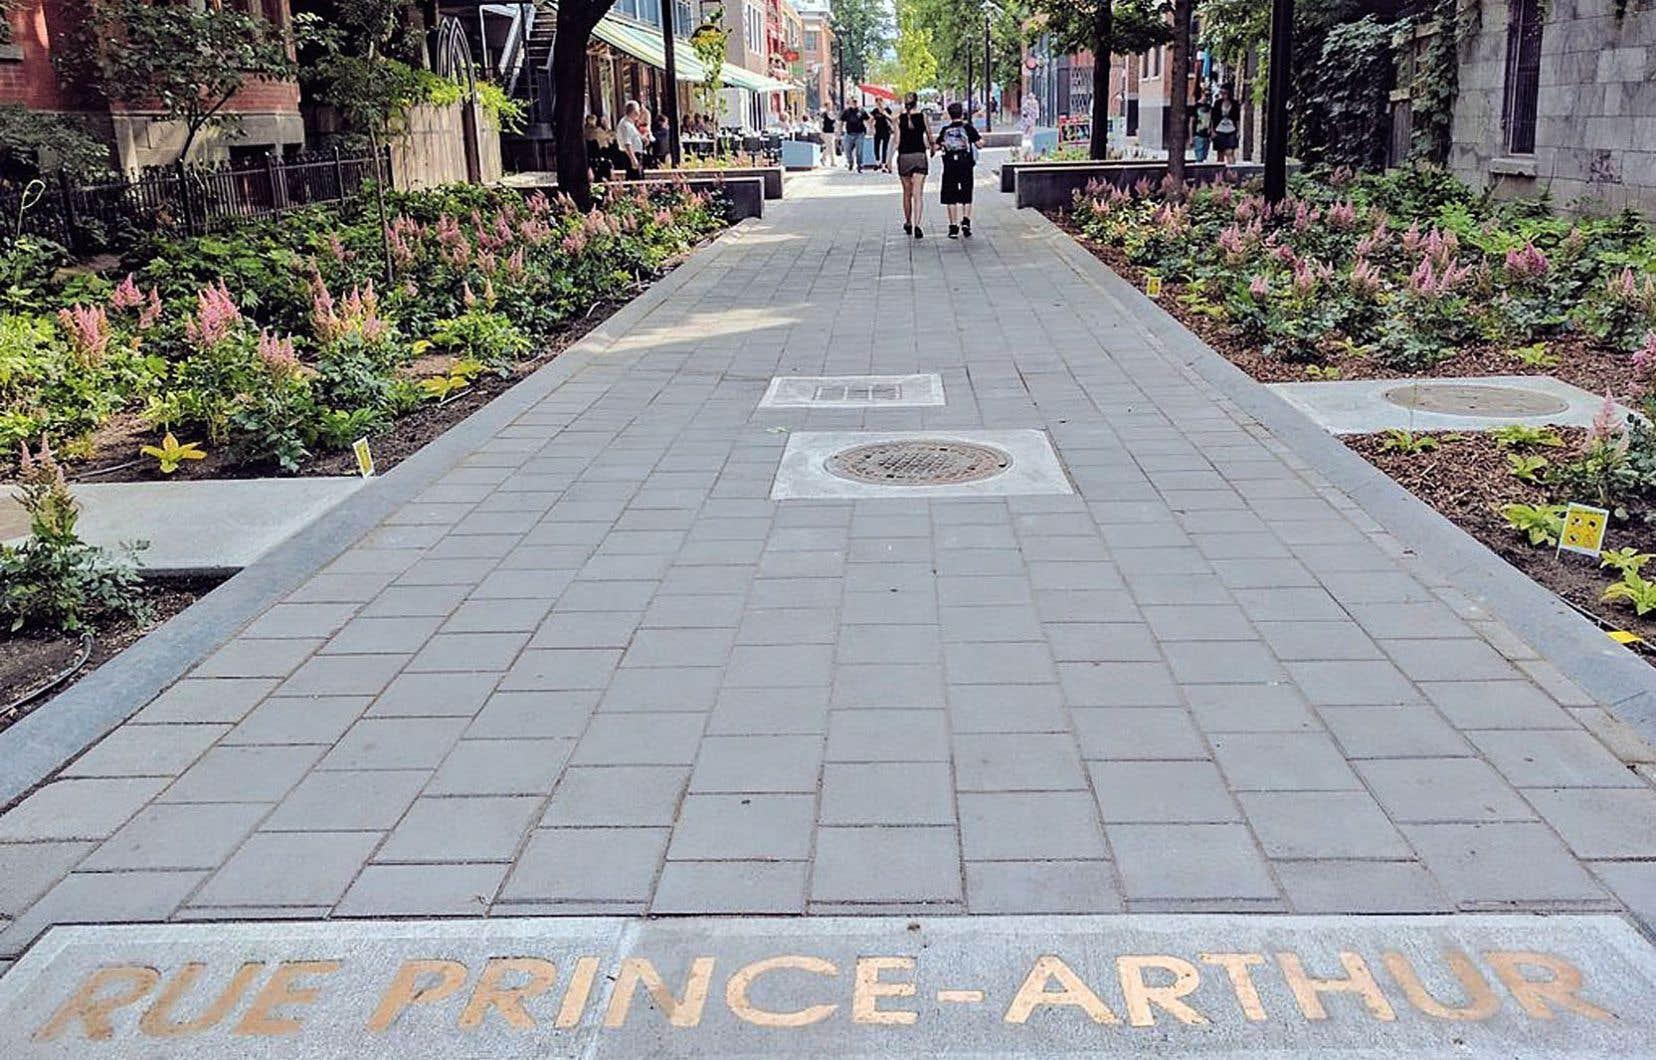 Selon les artistes concernés par la rue Prince-Arthur, la tenue du premier concours et son annulation ont été empreintes d'anomalies et de mystère.